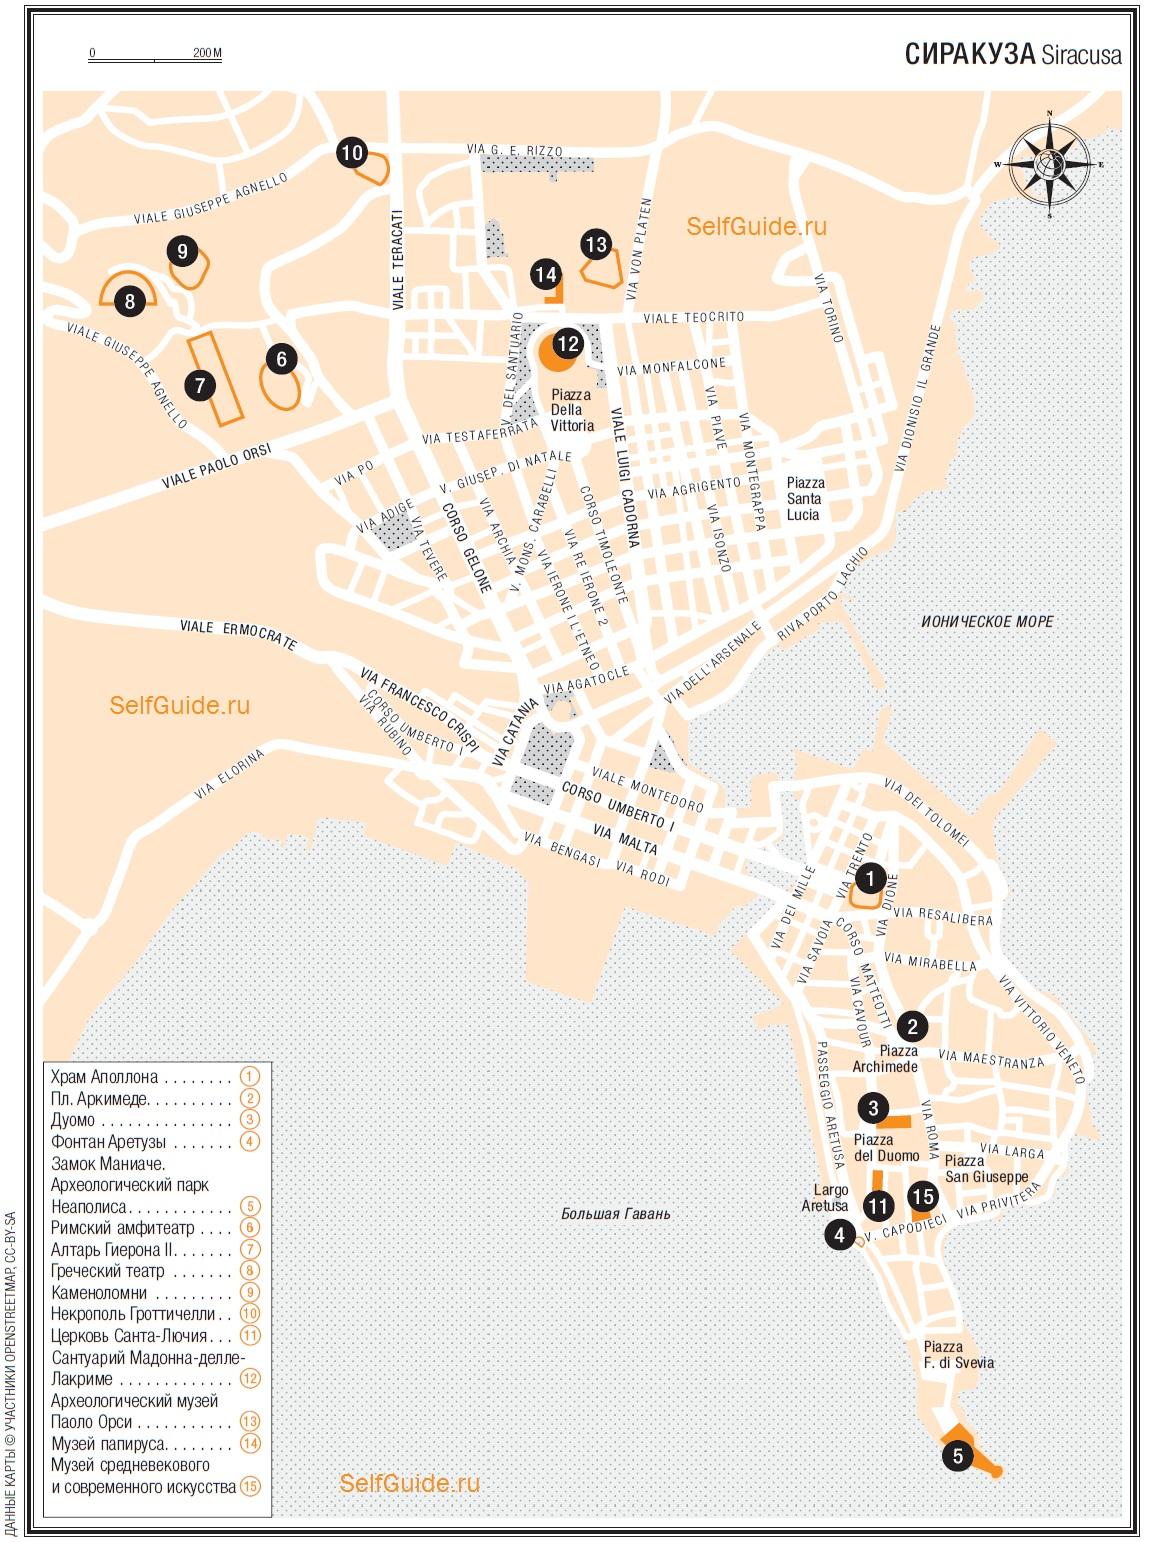 Туристический маршрут по Сиракузам - Сицилия, Сиракузы, Италия - путеводитель, достопримечательности